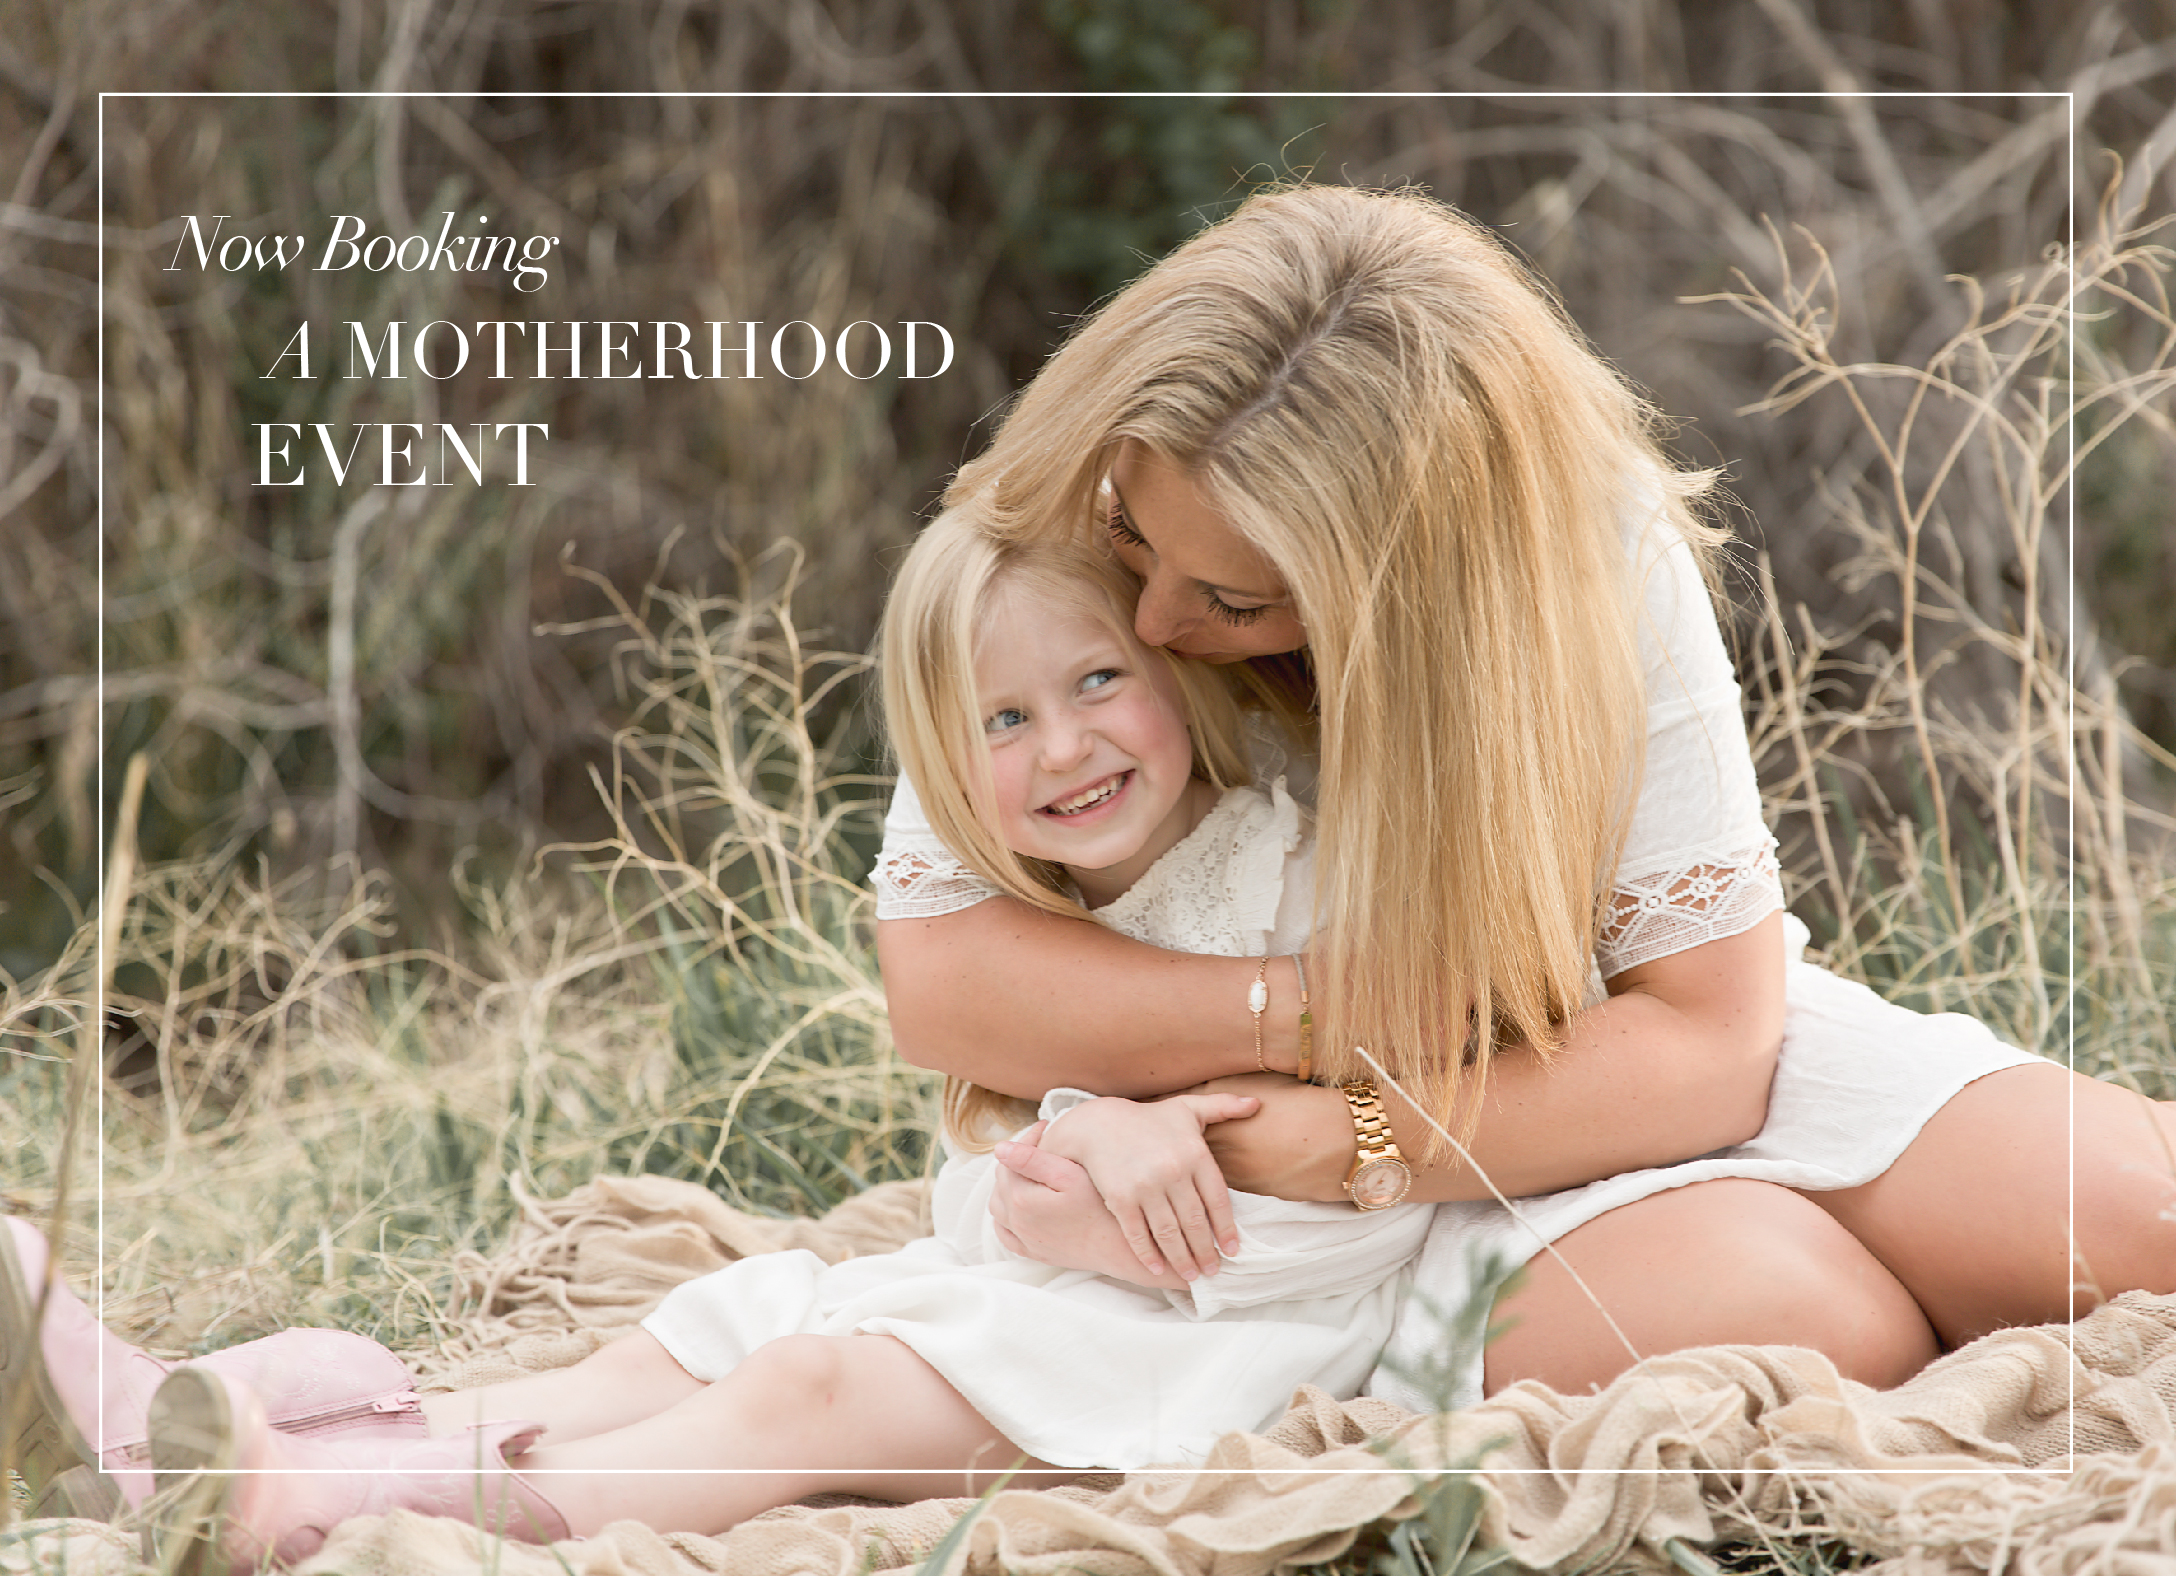 A-Motherhood Event-Front-01.jpg